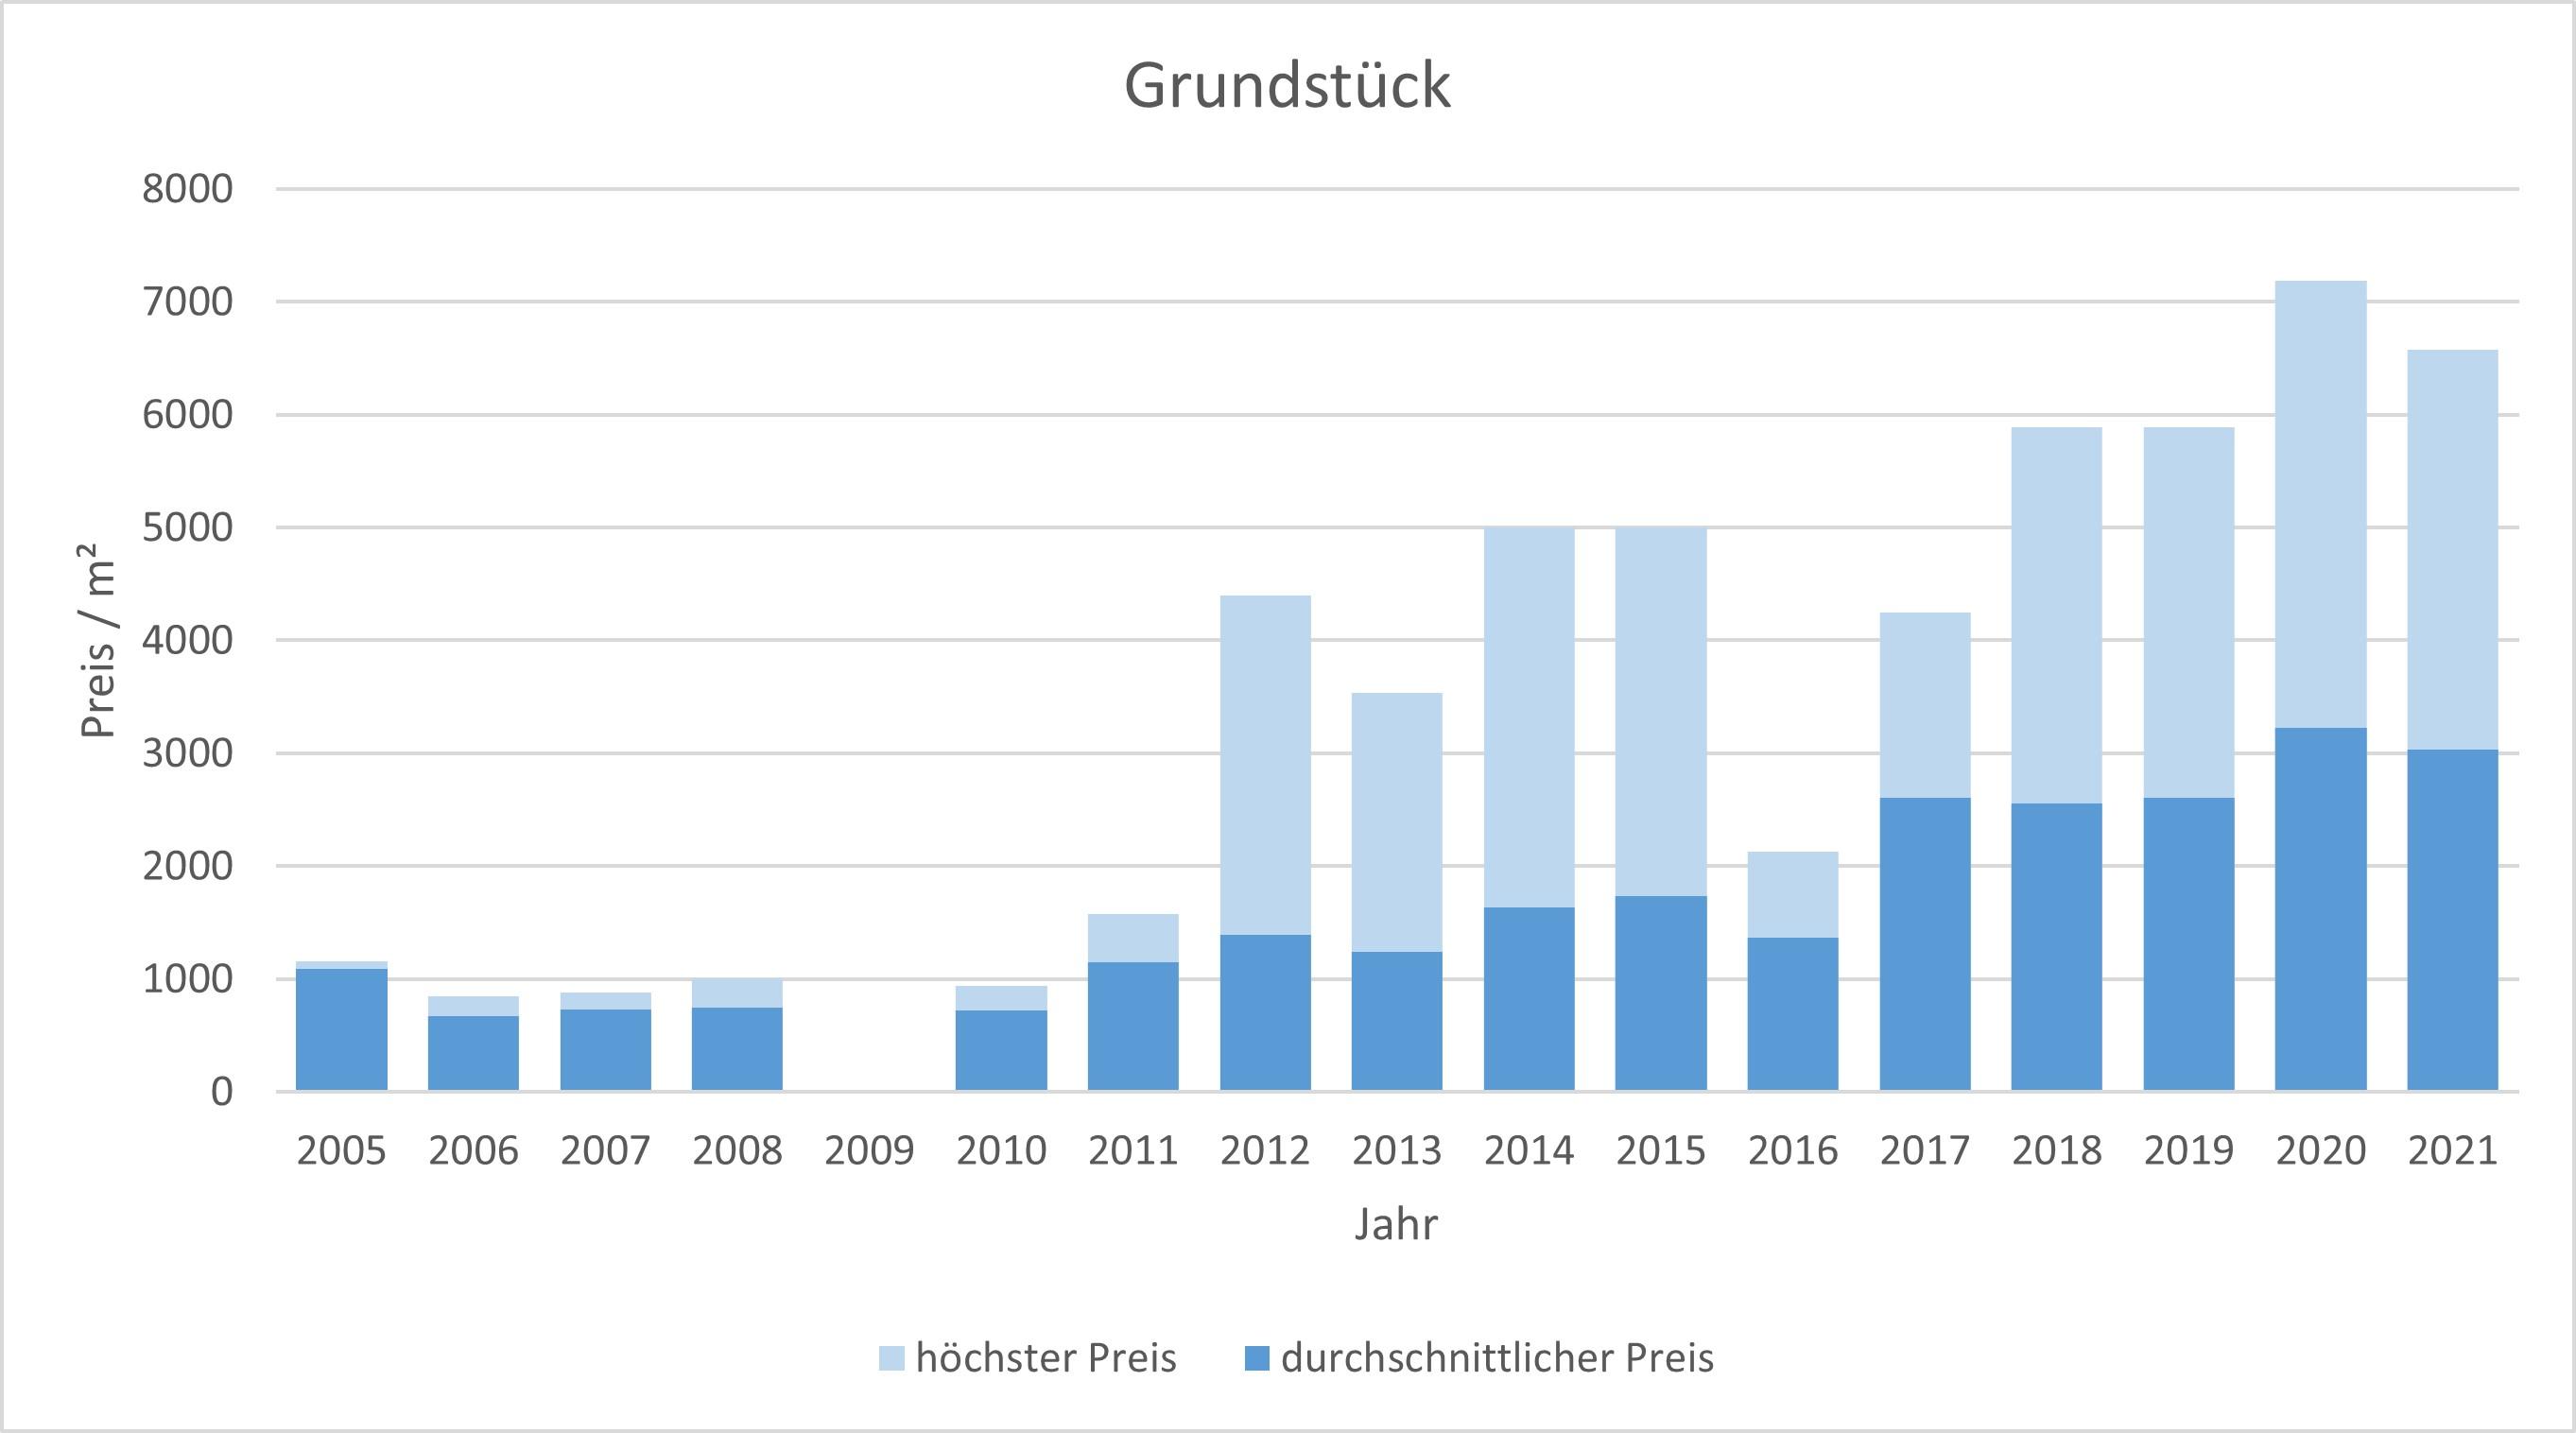 München - Ramersdorf Grundstück kaufen verkaufen Preis Bewertung Makler 2019 2020 2021 www.happy-immo.de